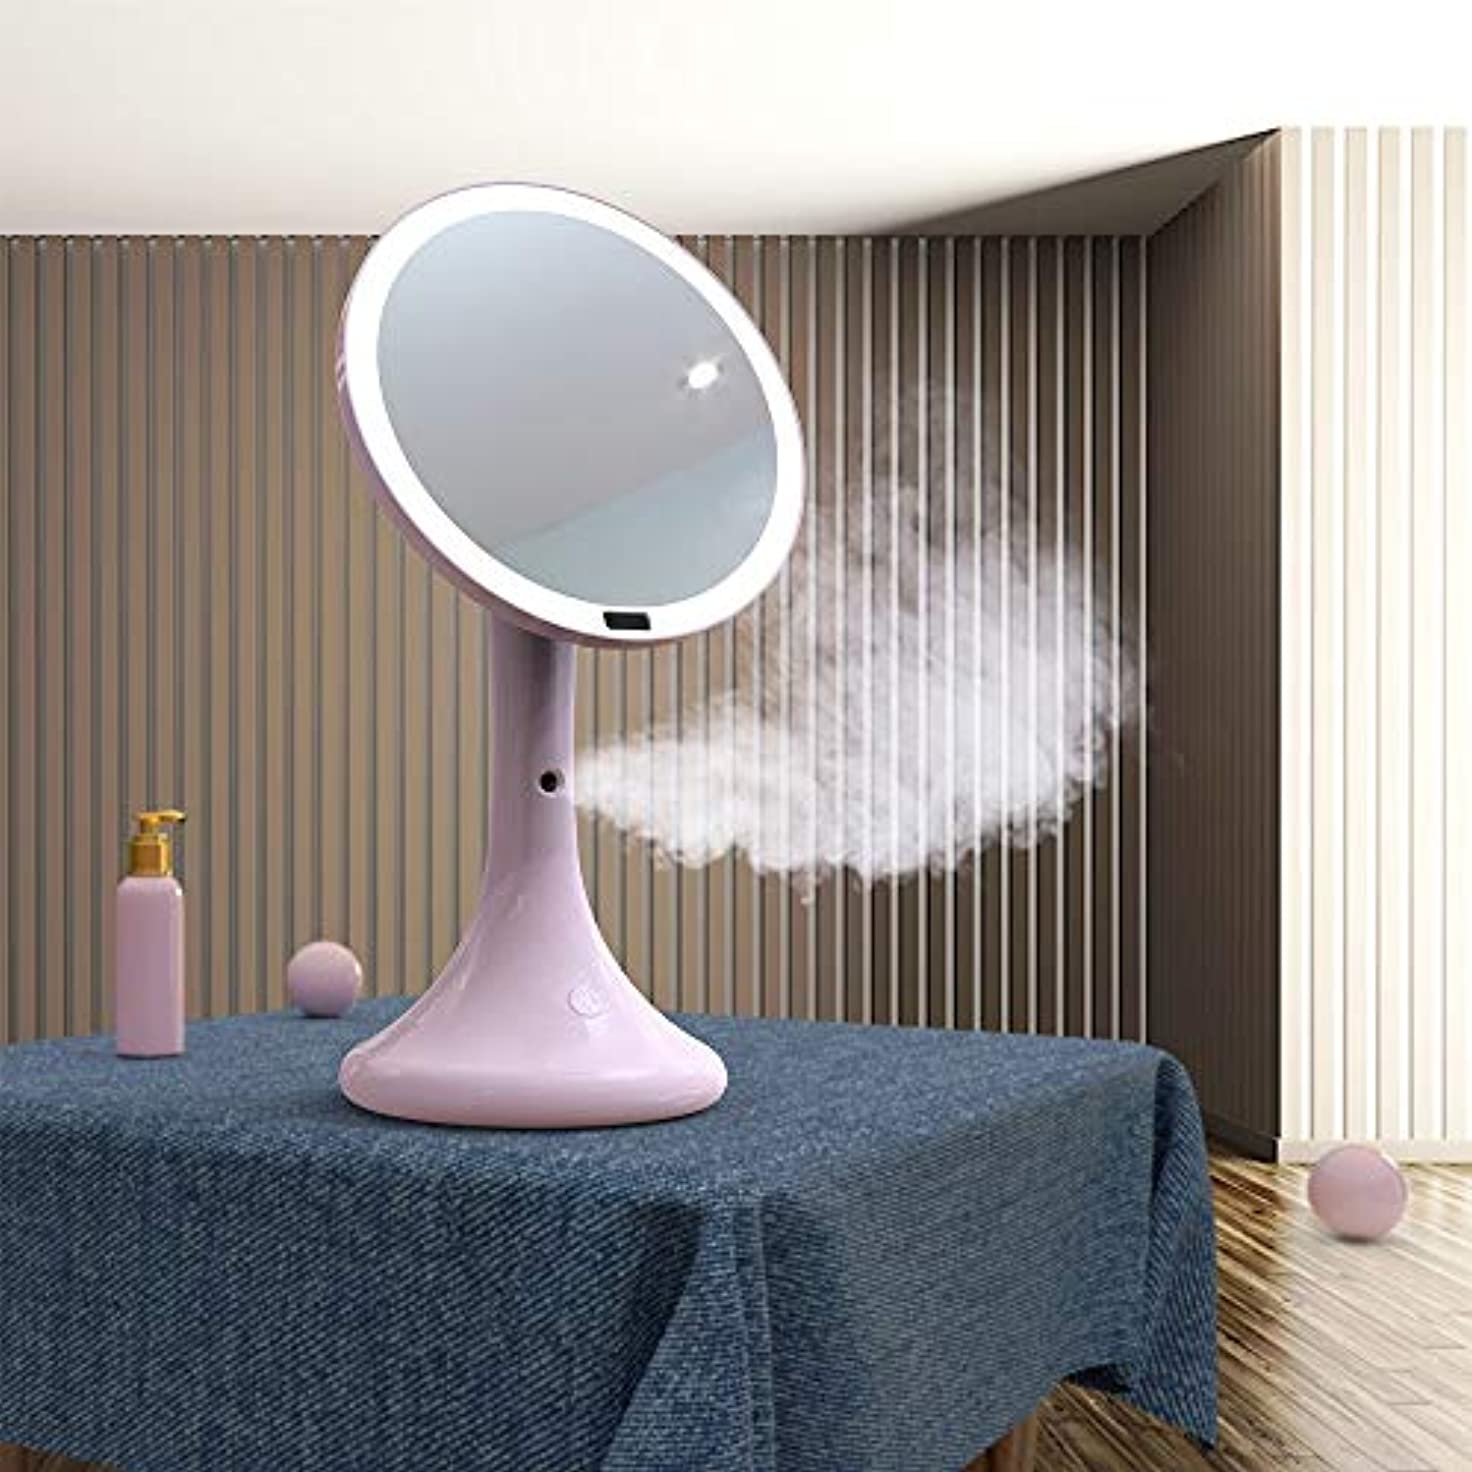 問い合わせる重々しい予測する流行の スプレー水和LED化粧鏡インテリジェント人体誘導ランプミラーデスクトップ美容ミラー水和ABS素材ピンクセクションブルーセクション (色 : Pink)